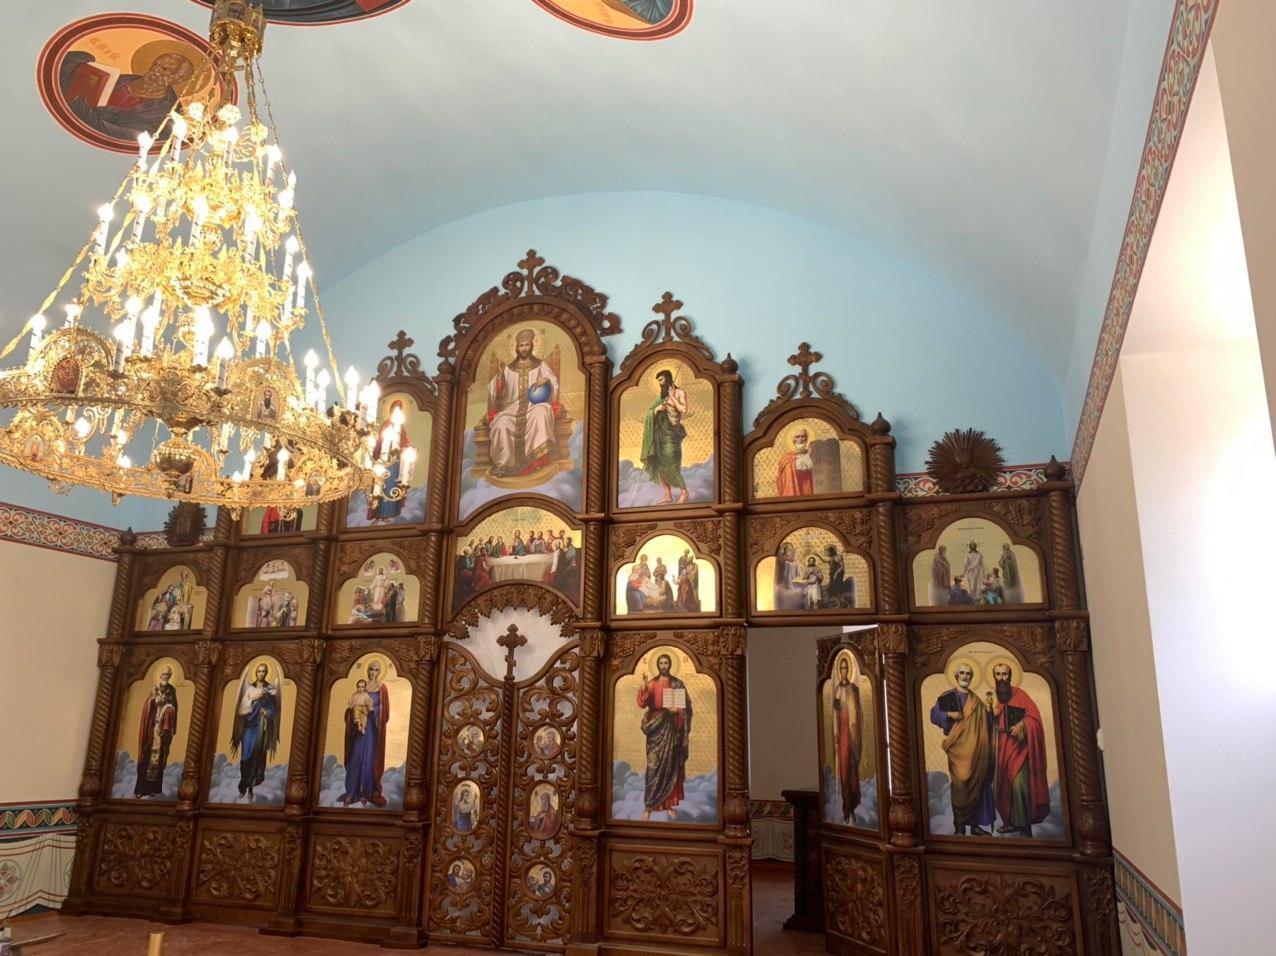 Иконостас резной из дерева, цвет под лак (установлен в Одесской области)